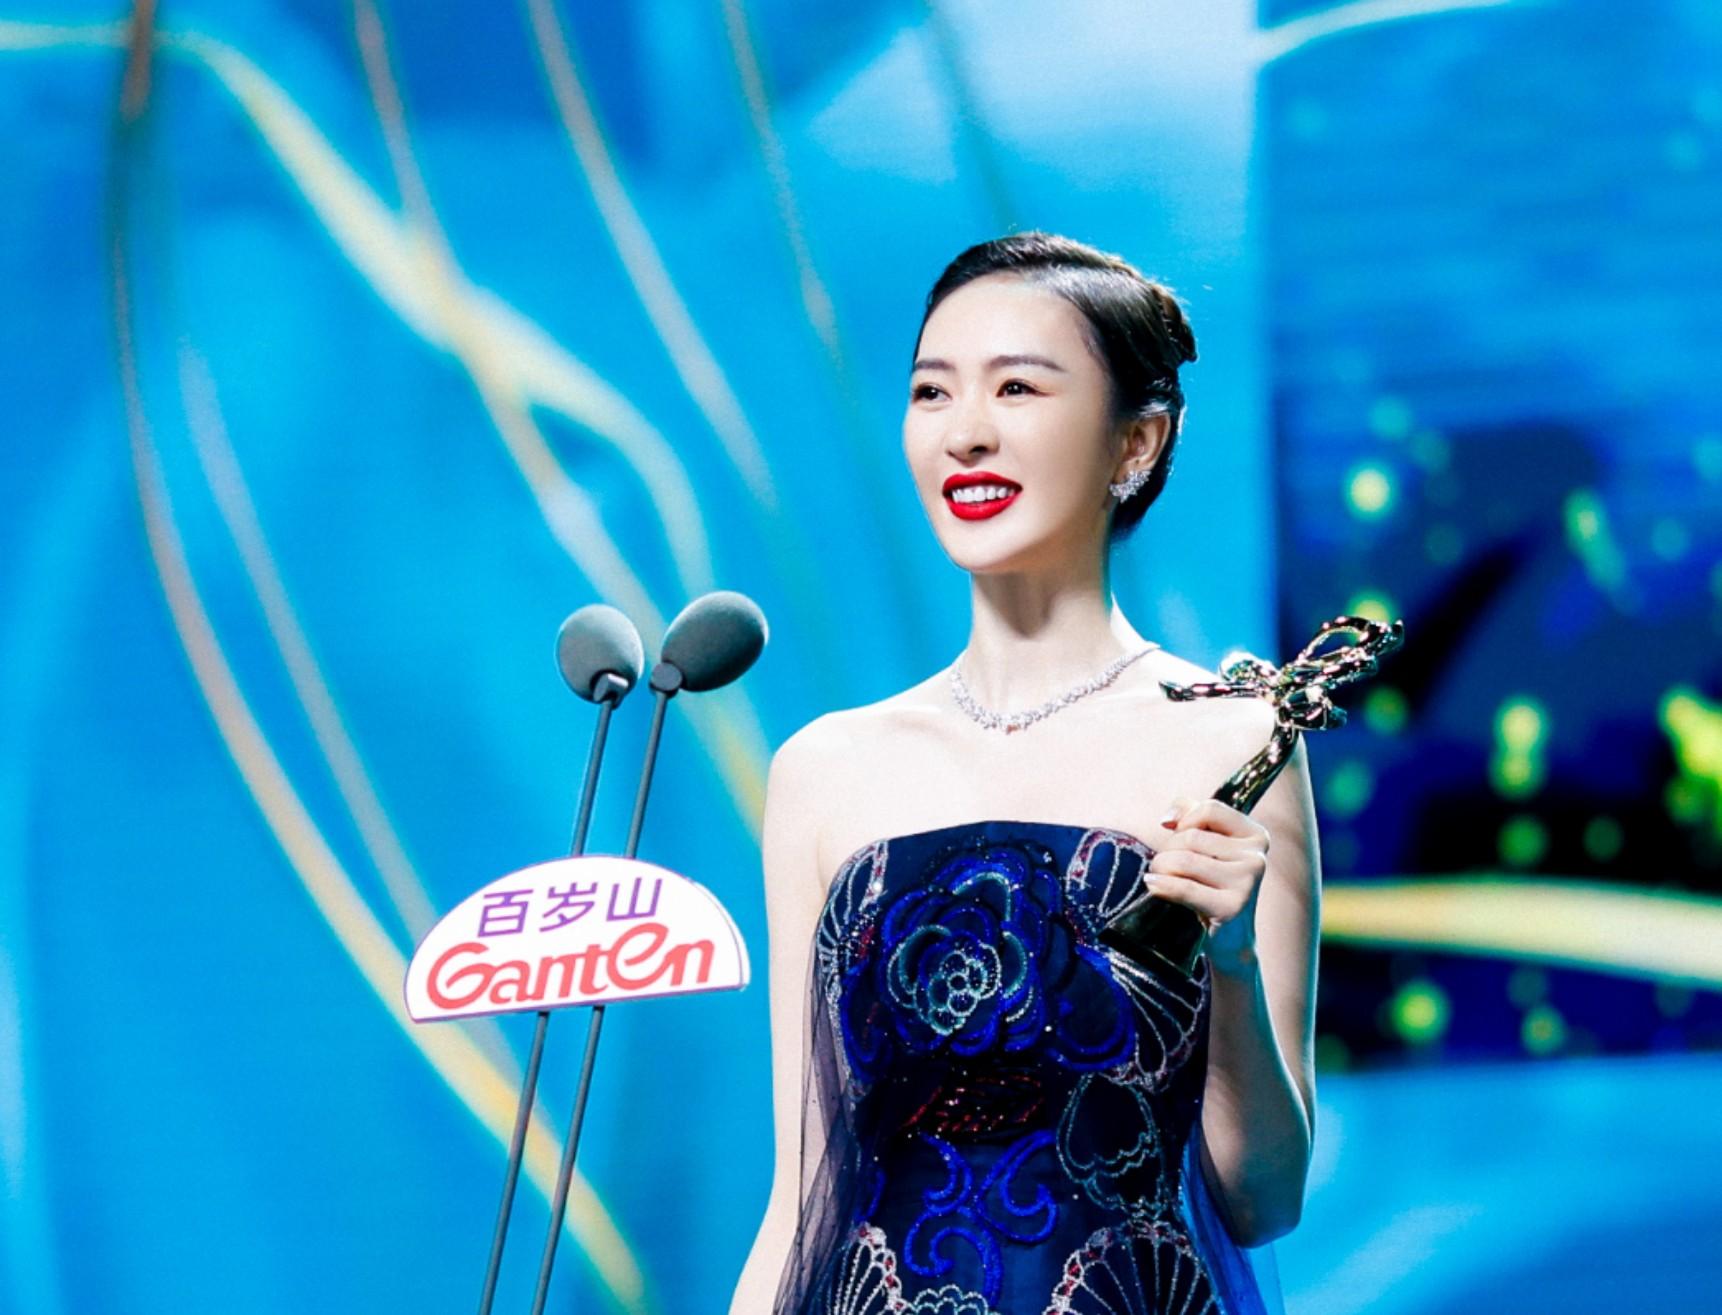 童瑶斩获第27届白玉兰奖最佳女主角 流光长裙气质非凡